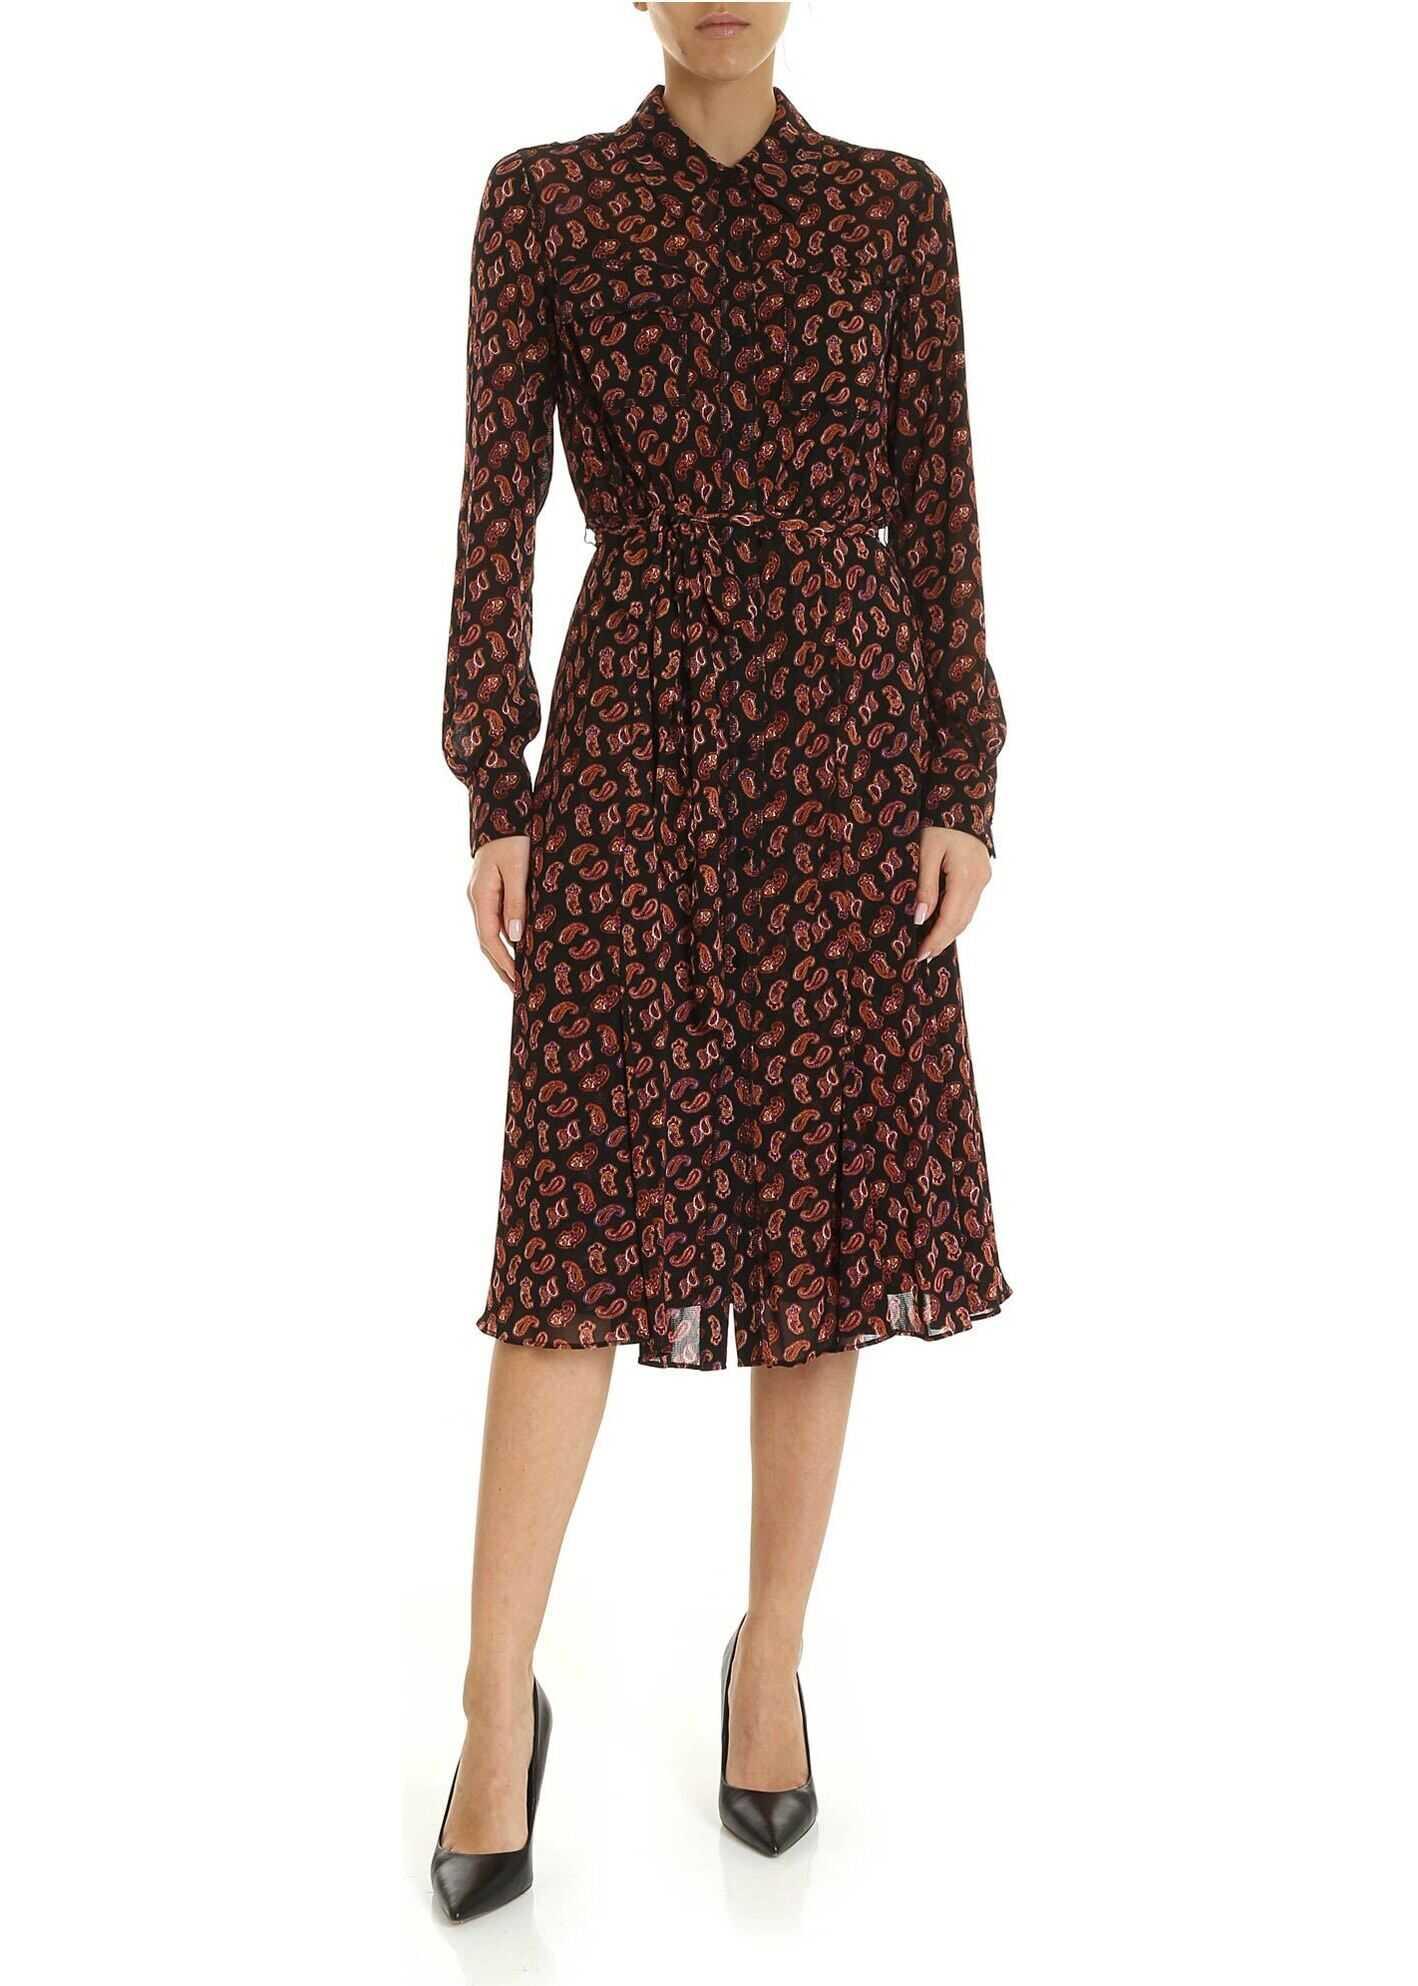 Diane von Furstenberg Andi Chemisier Dress In Black Black